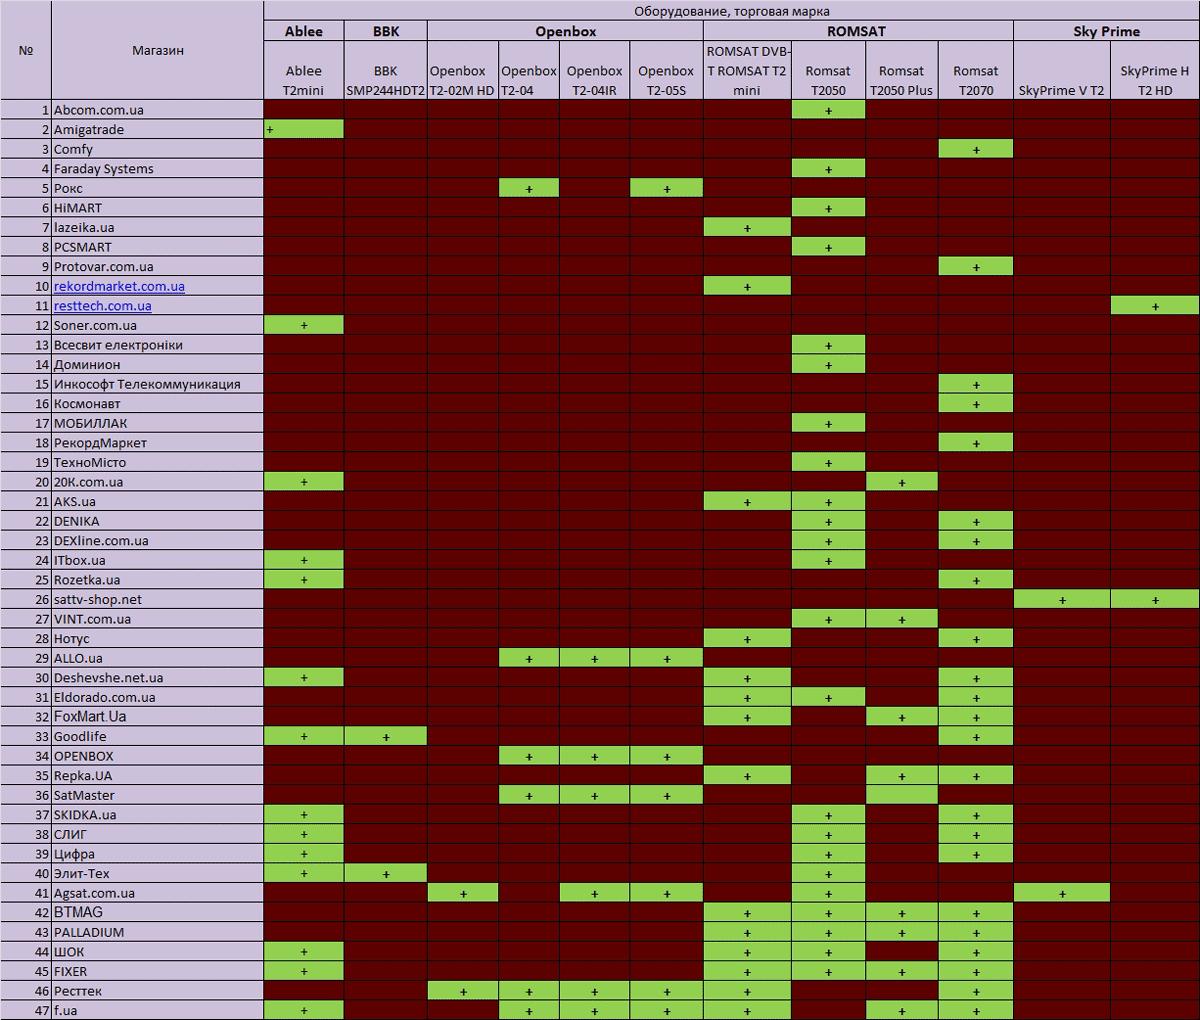 Таблица 2а. Список интернет-магазинов тюнеров, по присутствию